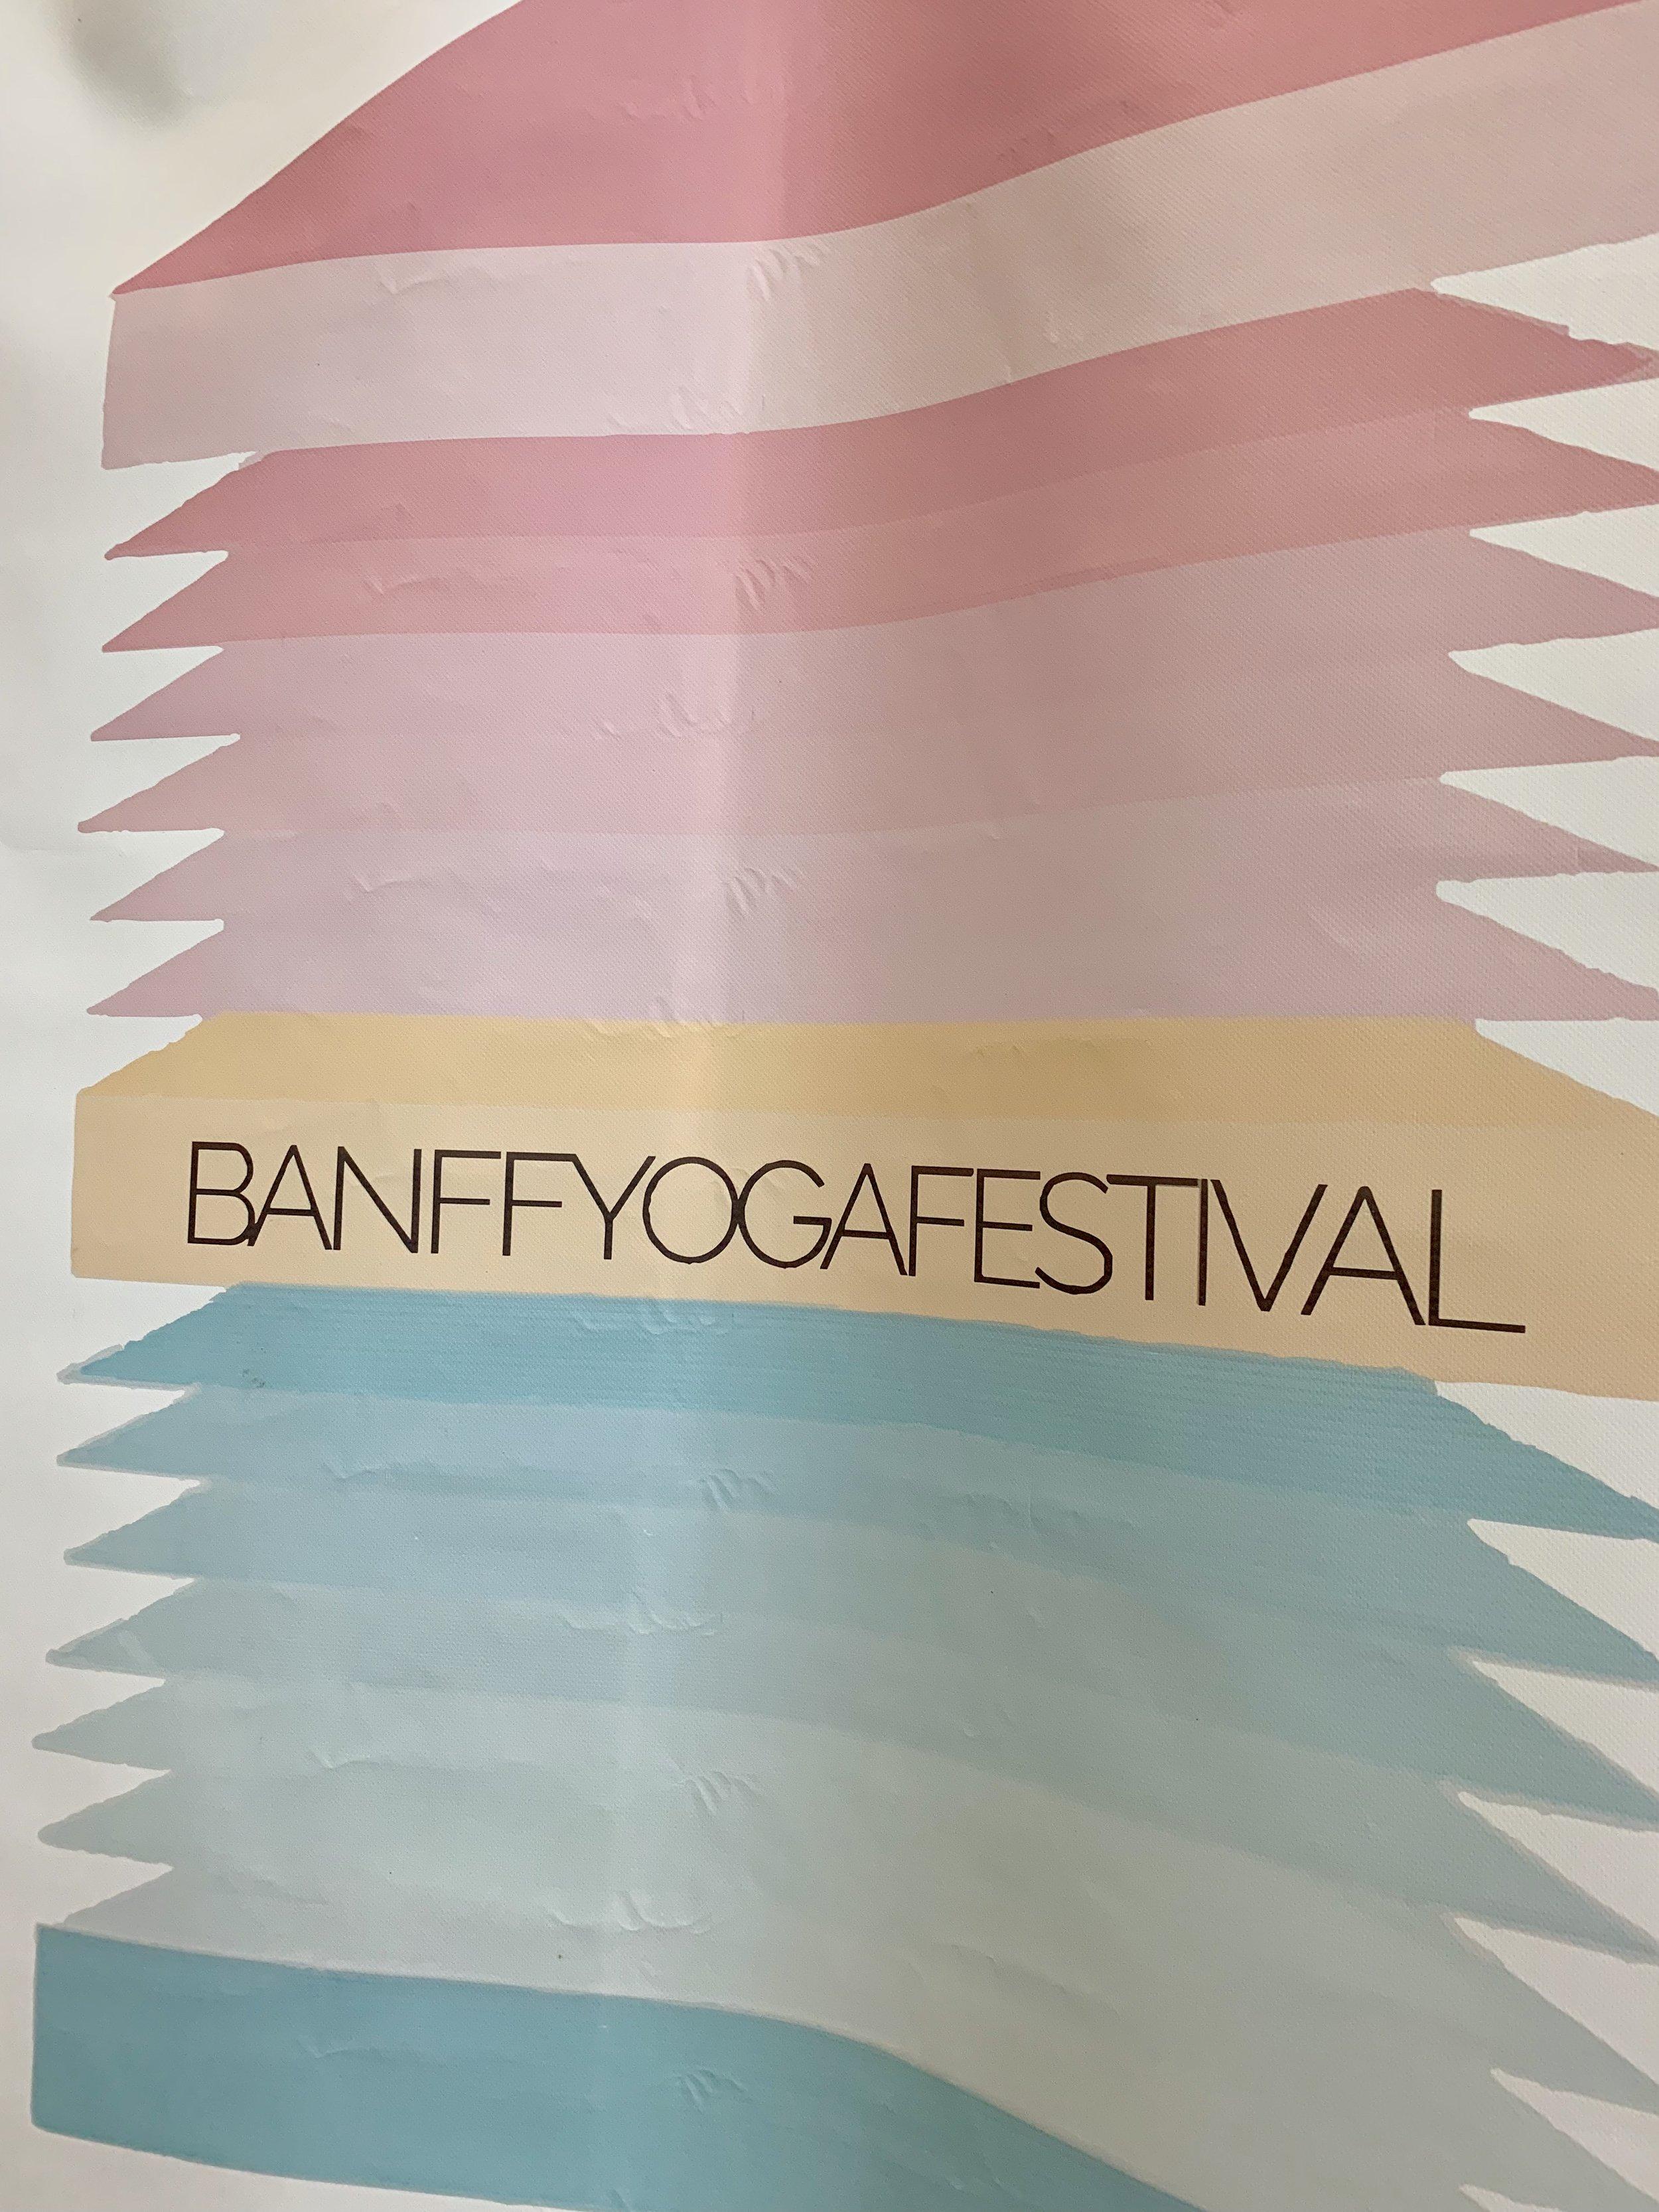 2019 Banff Yoga Festival